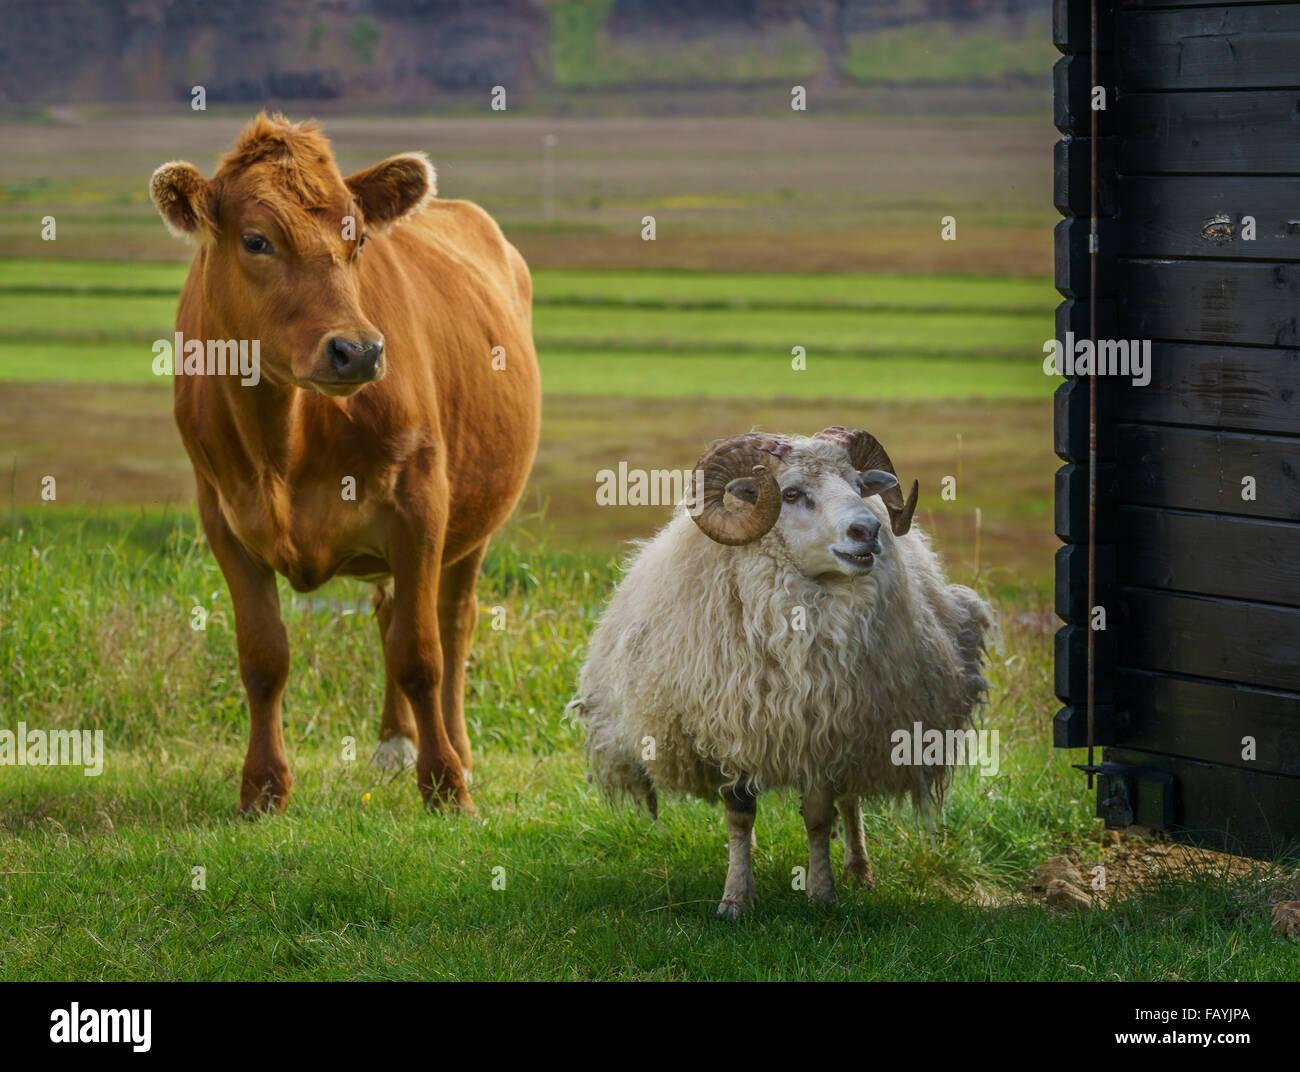 Los jóvenes vaca y oveja son libres para moverse y pastan sobre hierba, granja, Nordurardalur Hraunsnef Valle, Islandia Foto de stock